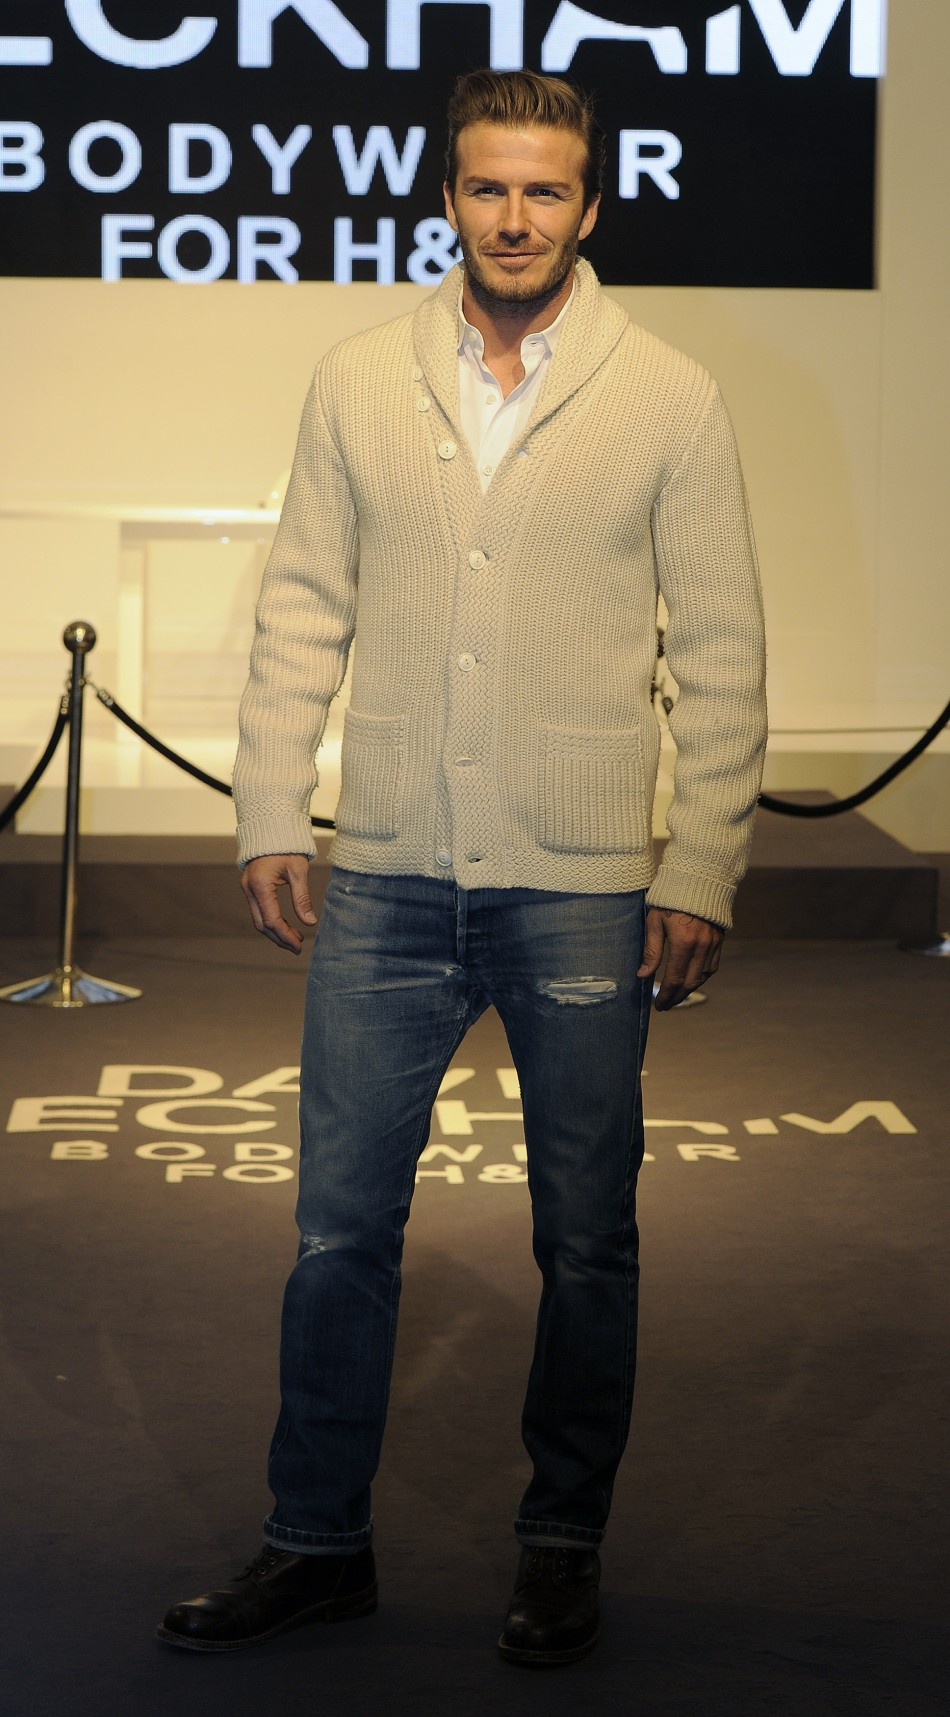 David Beckham Unveils H&M Underwear Range in London